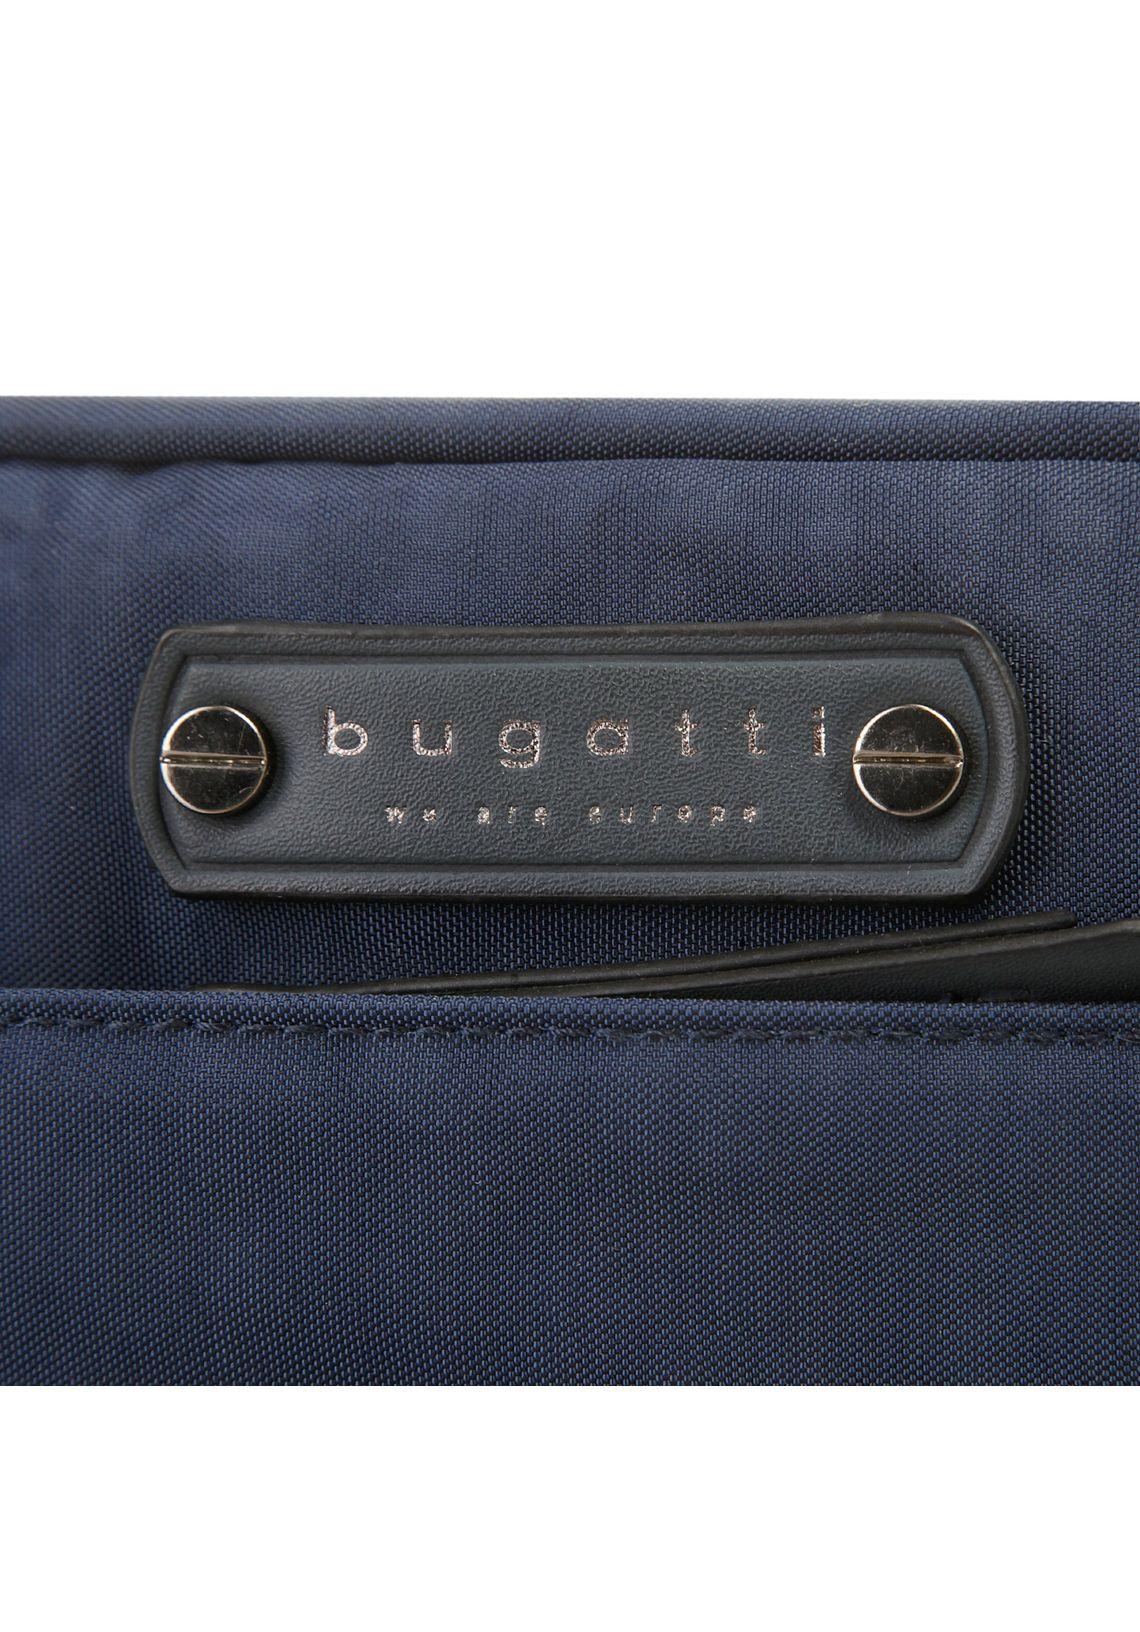 Bugatti schoudertas  BUONO makkelijk gevonden  blauw